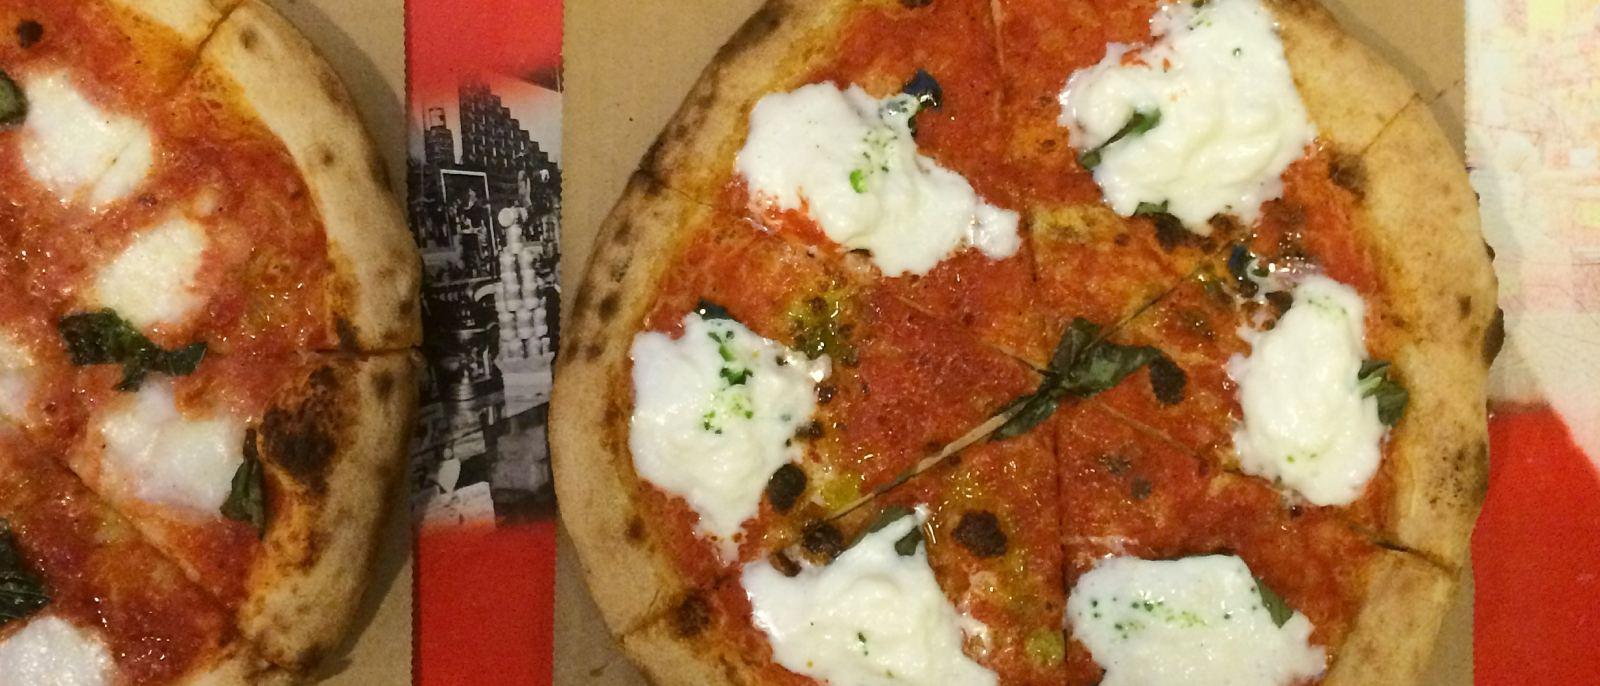 Olio GCM Pizzeria Margherita Pizza